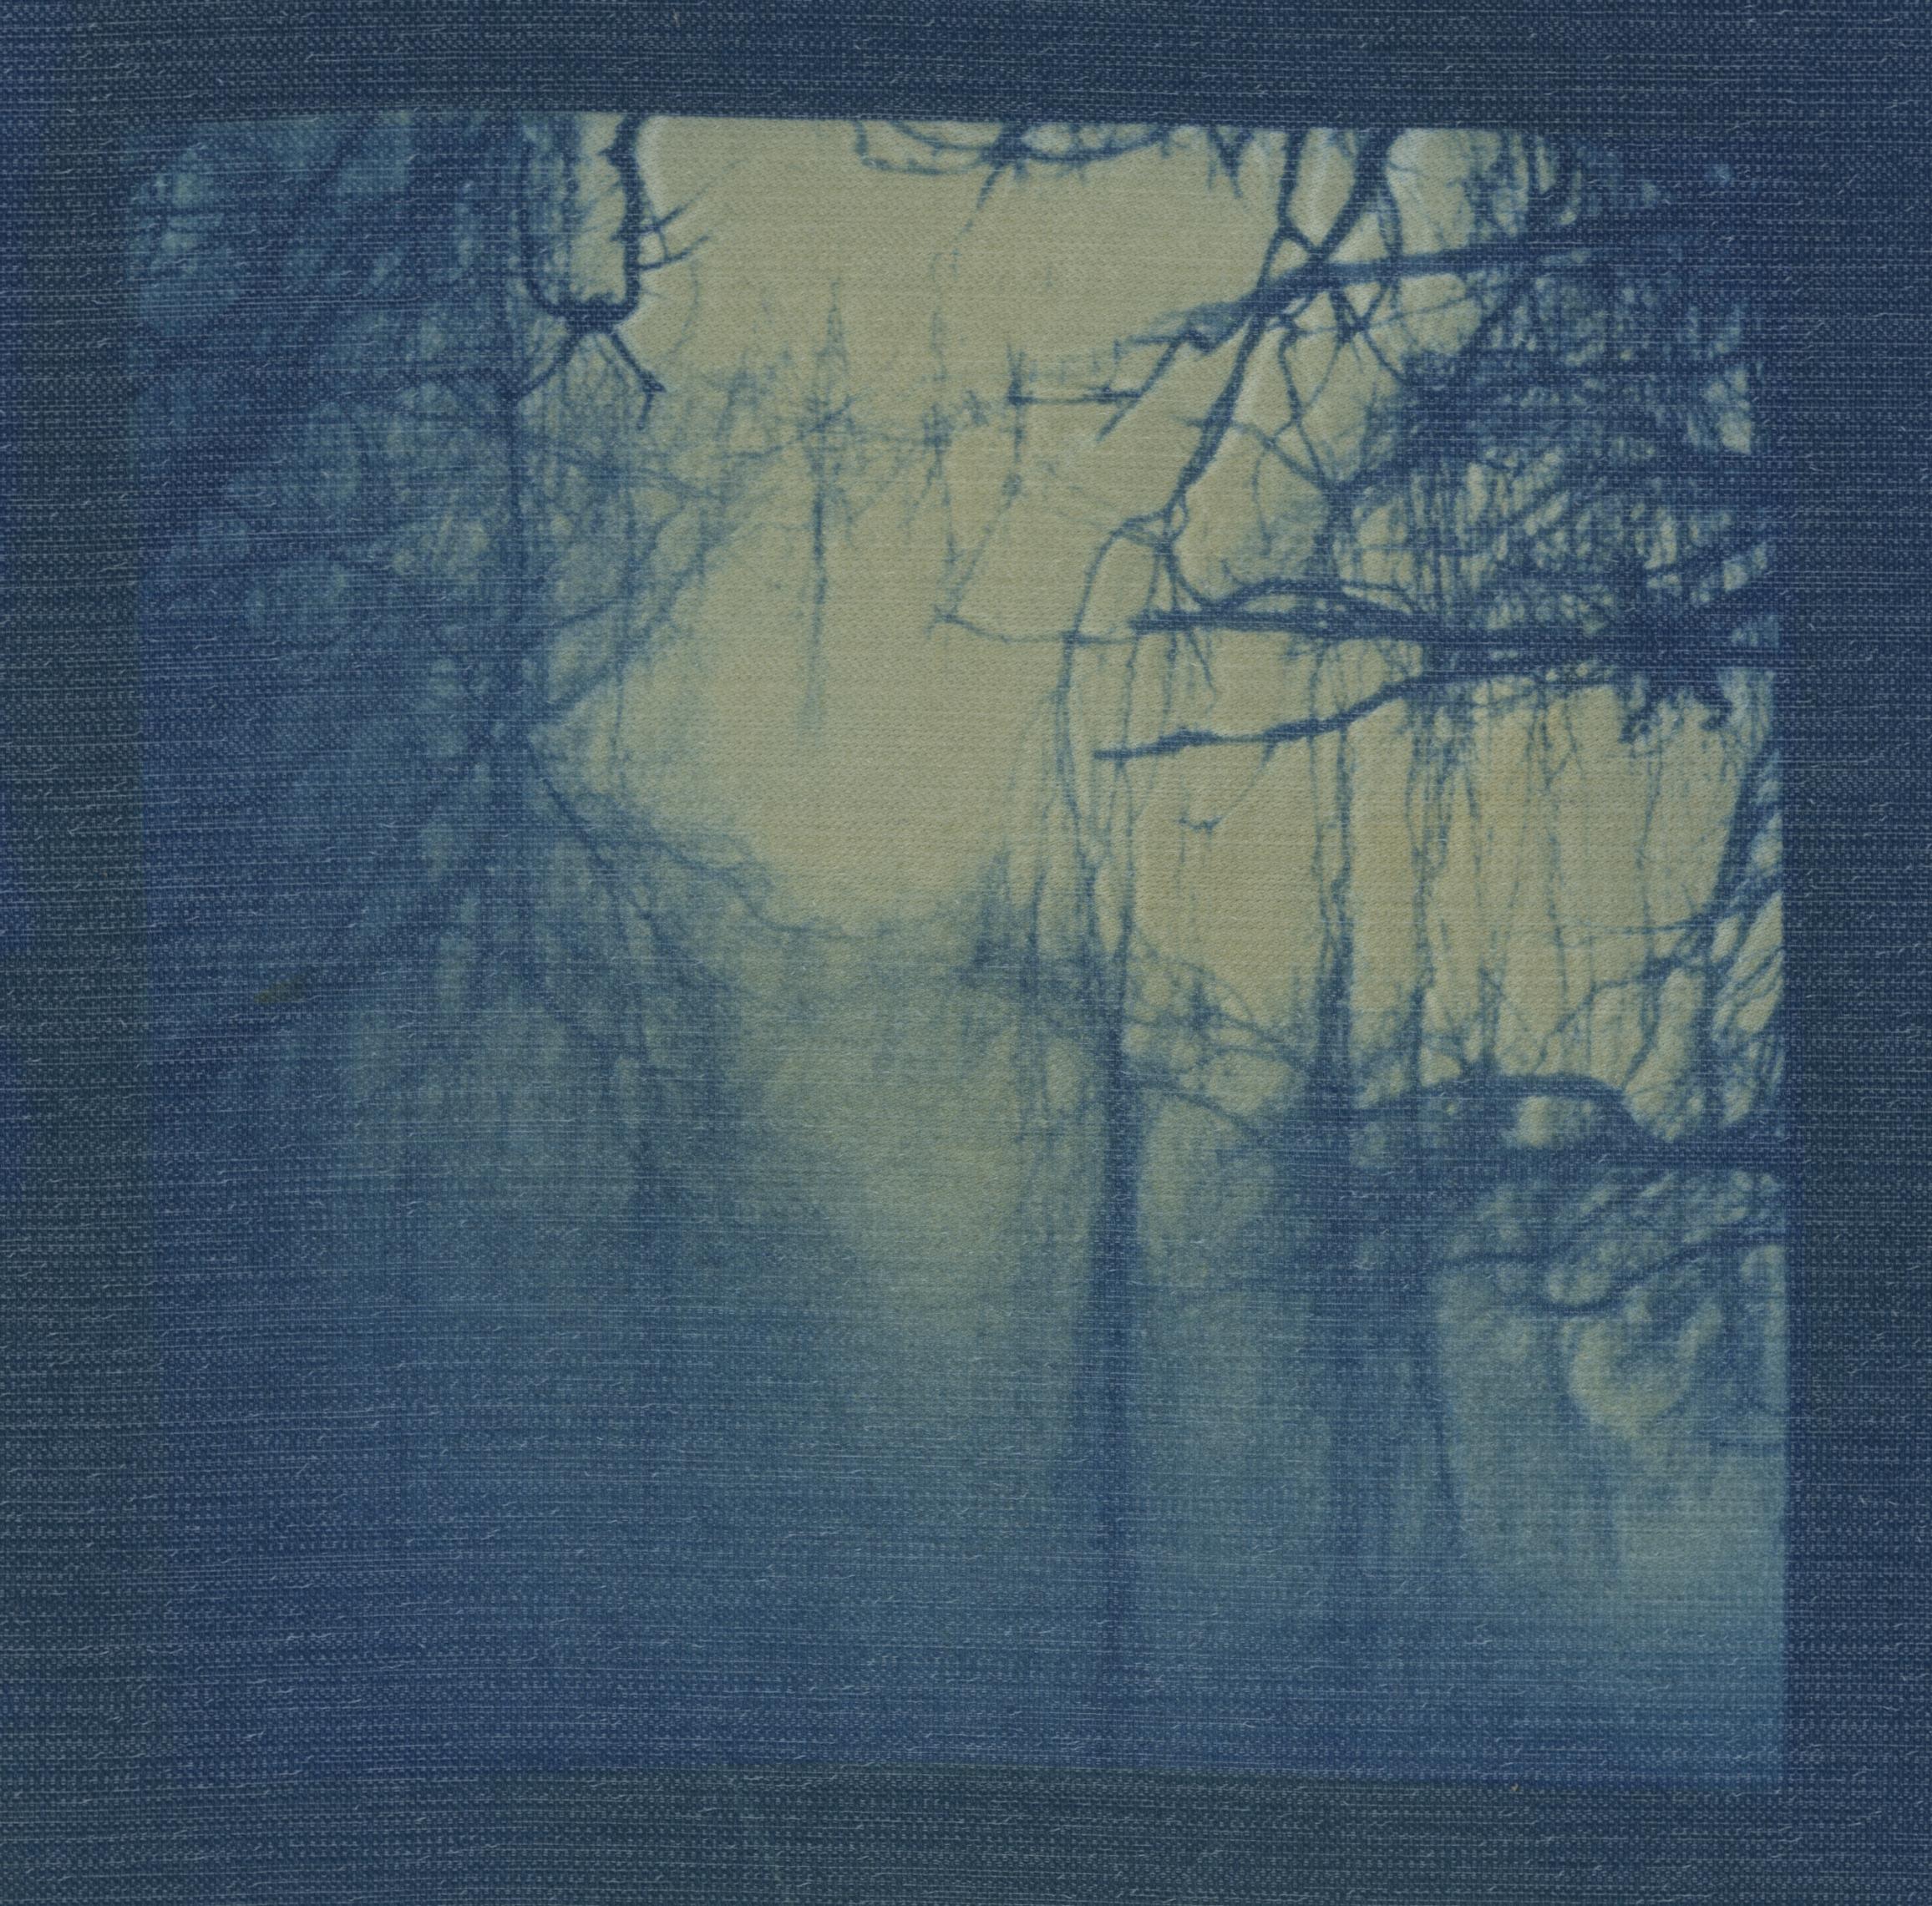 drysdale lakes